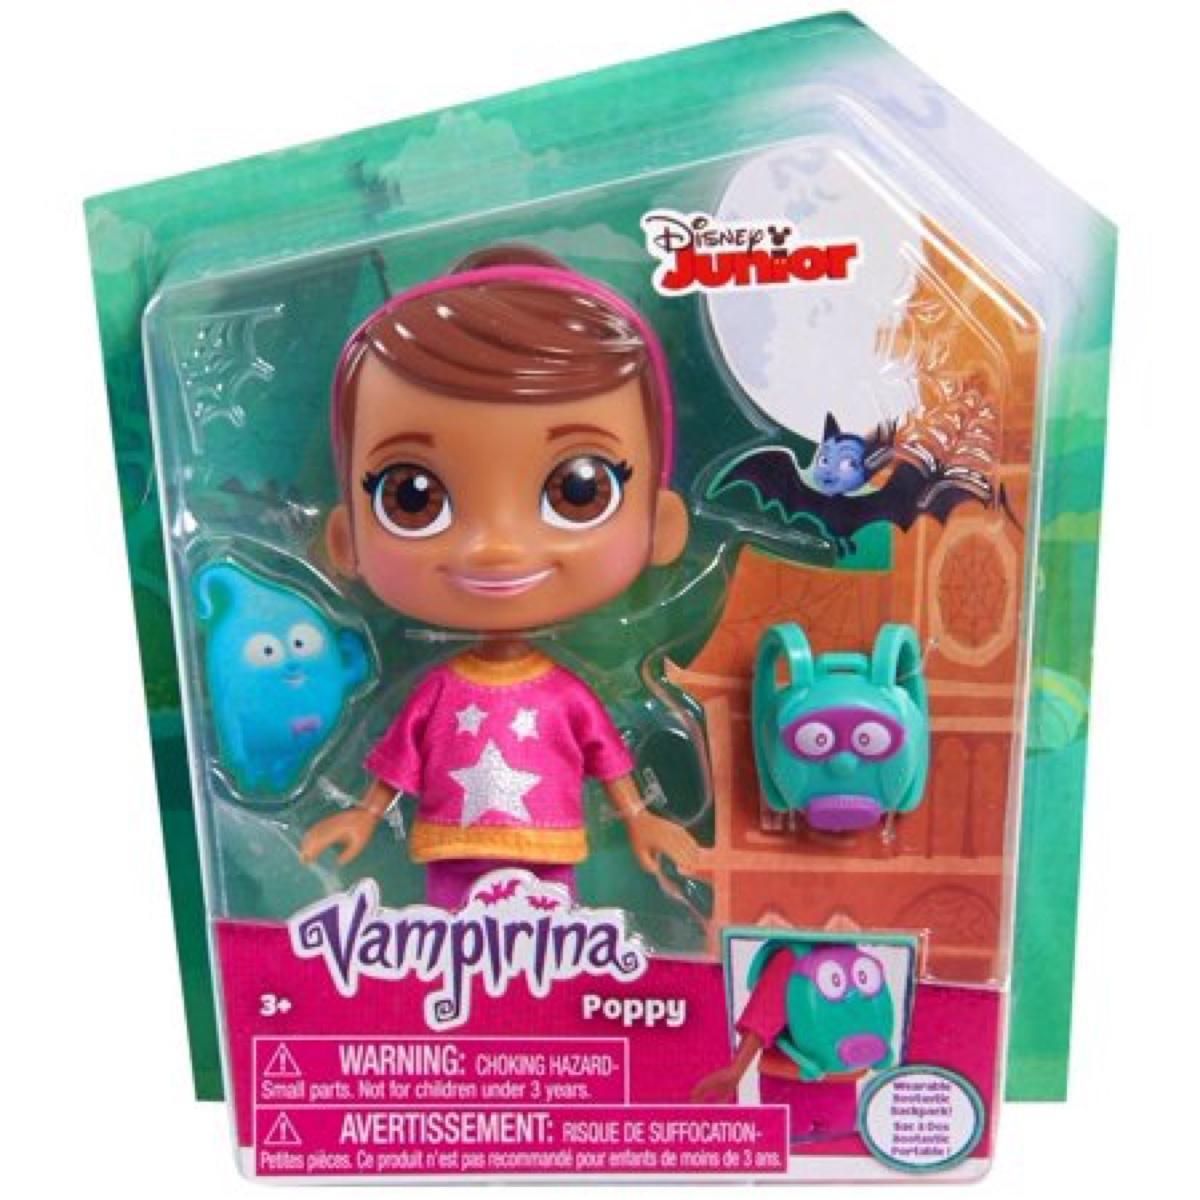 Vampirina - Poppy Ghoul Girl Doll